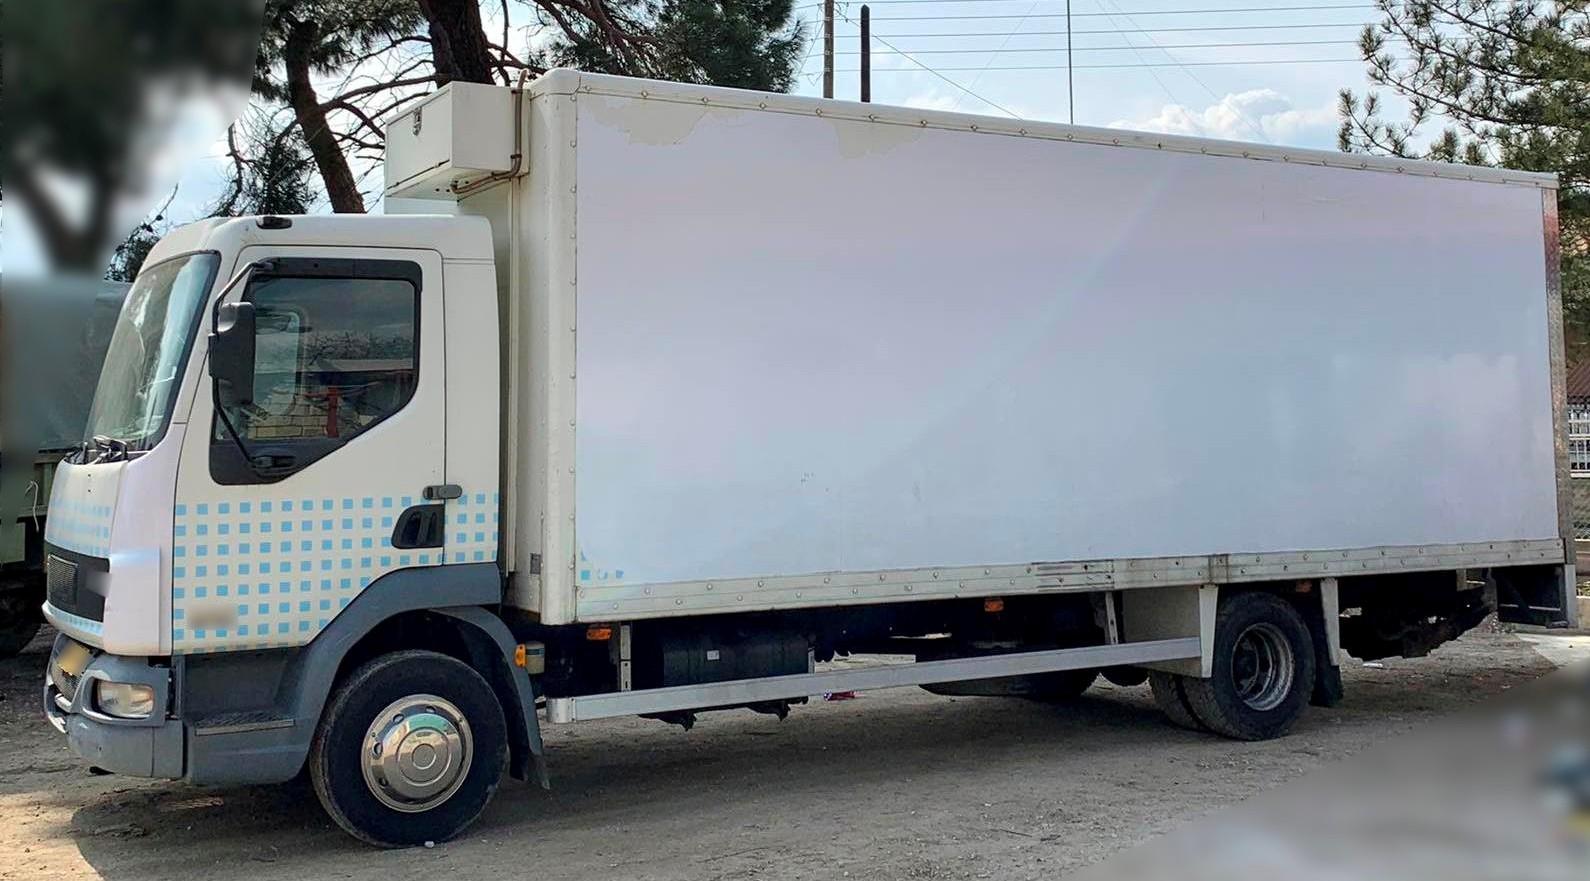 Θράκη: Οδηγός νταλίκας χωρίς δίπλωμα μετέφερε μετανάστες